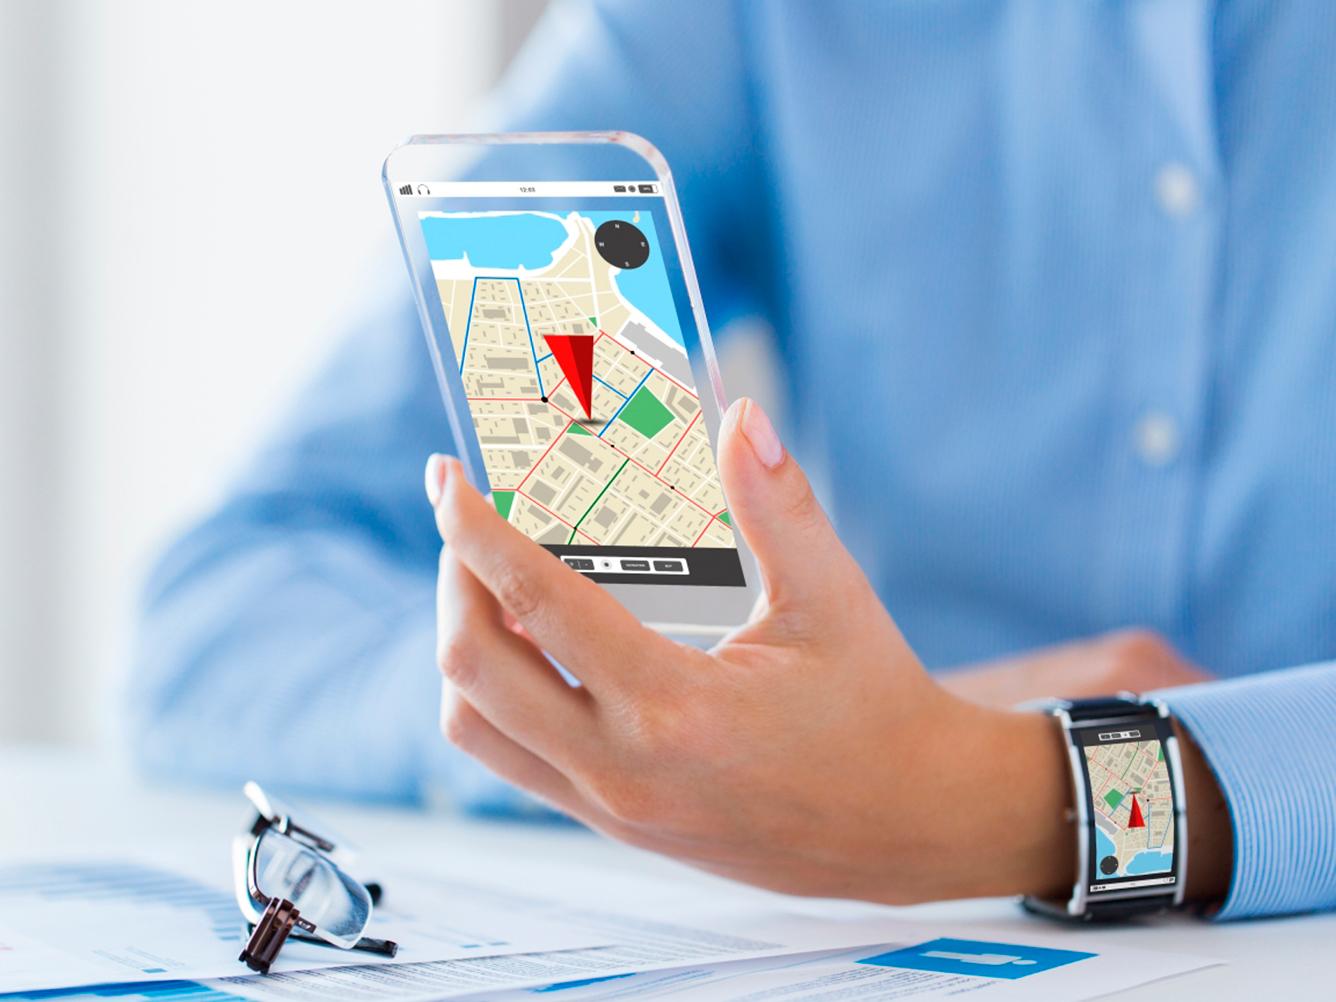 Mapeamento Digital de Regiões e Imóveis – O que é e por que apostar nessa tendência